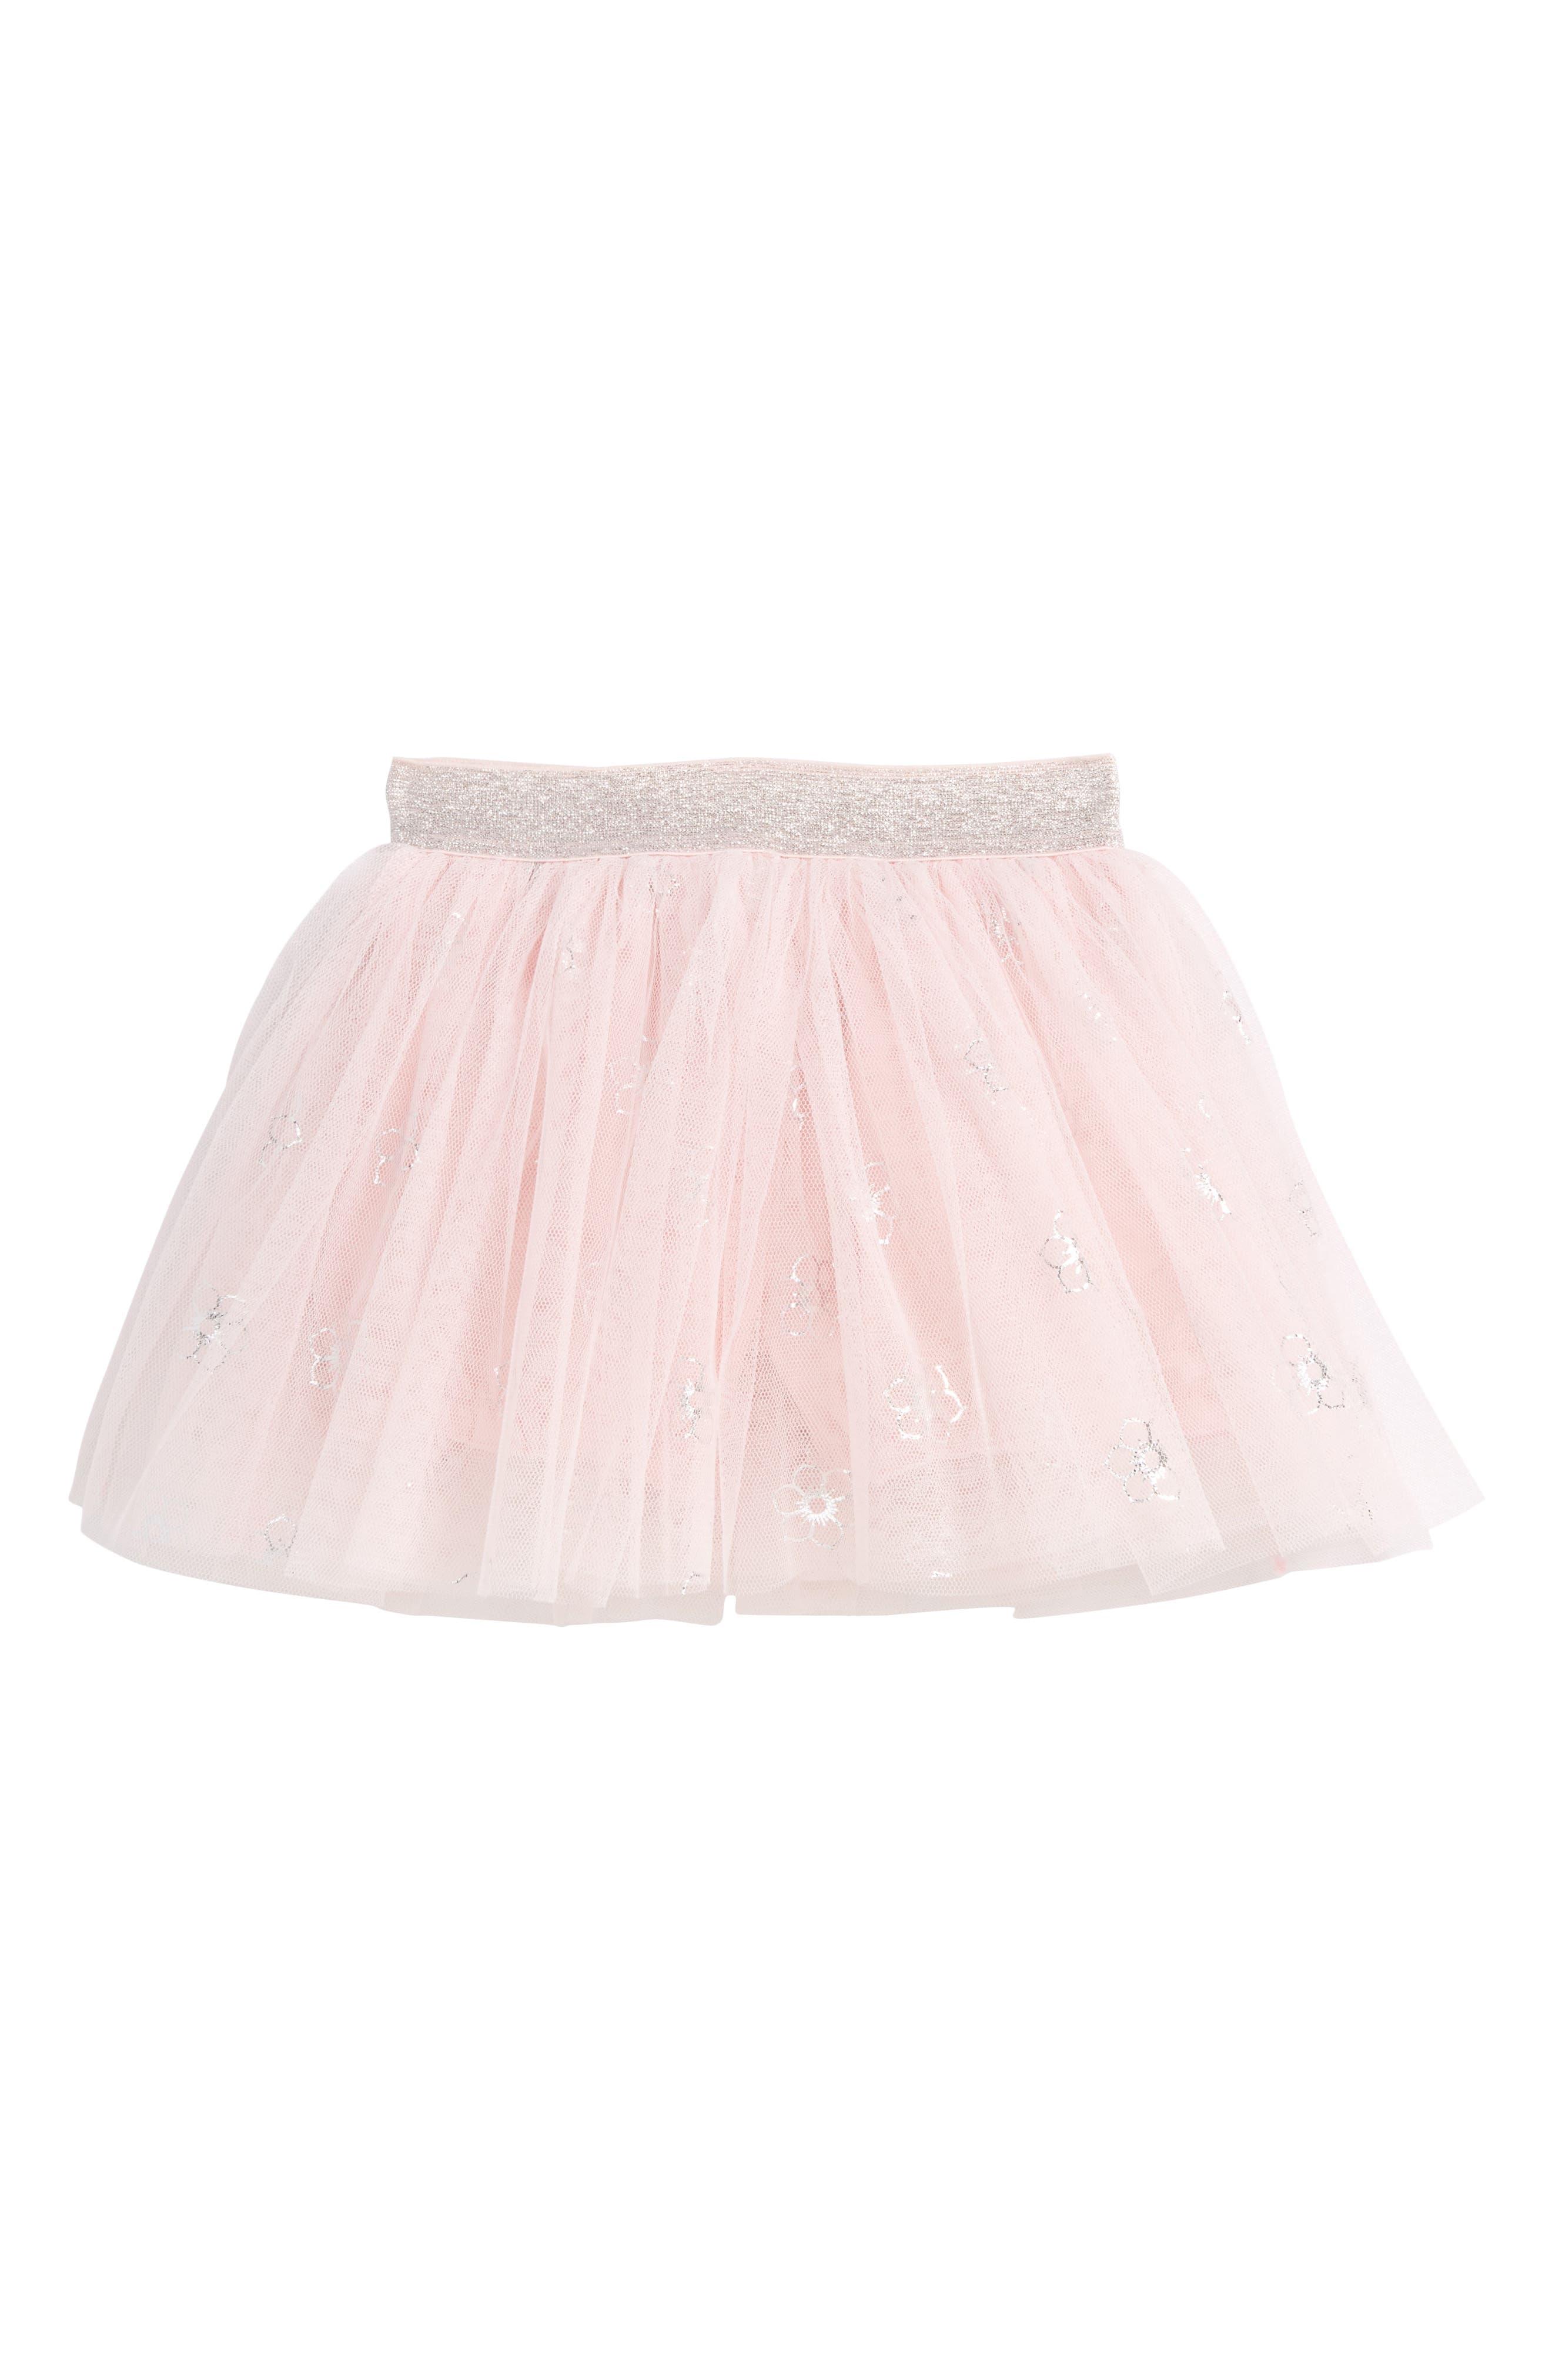 Tutu Skort,                         Main,                         color, Pink